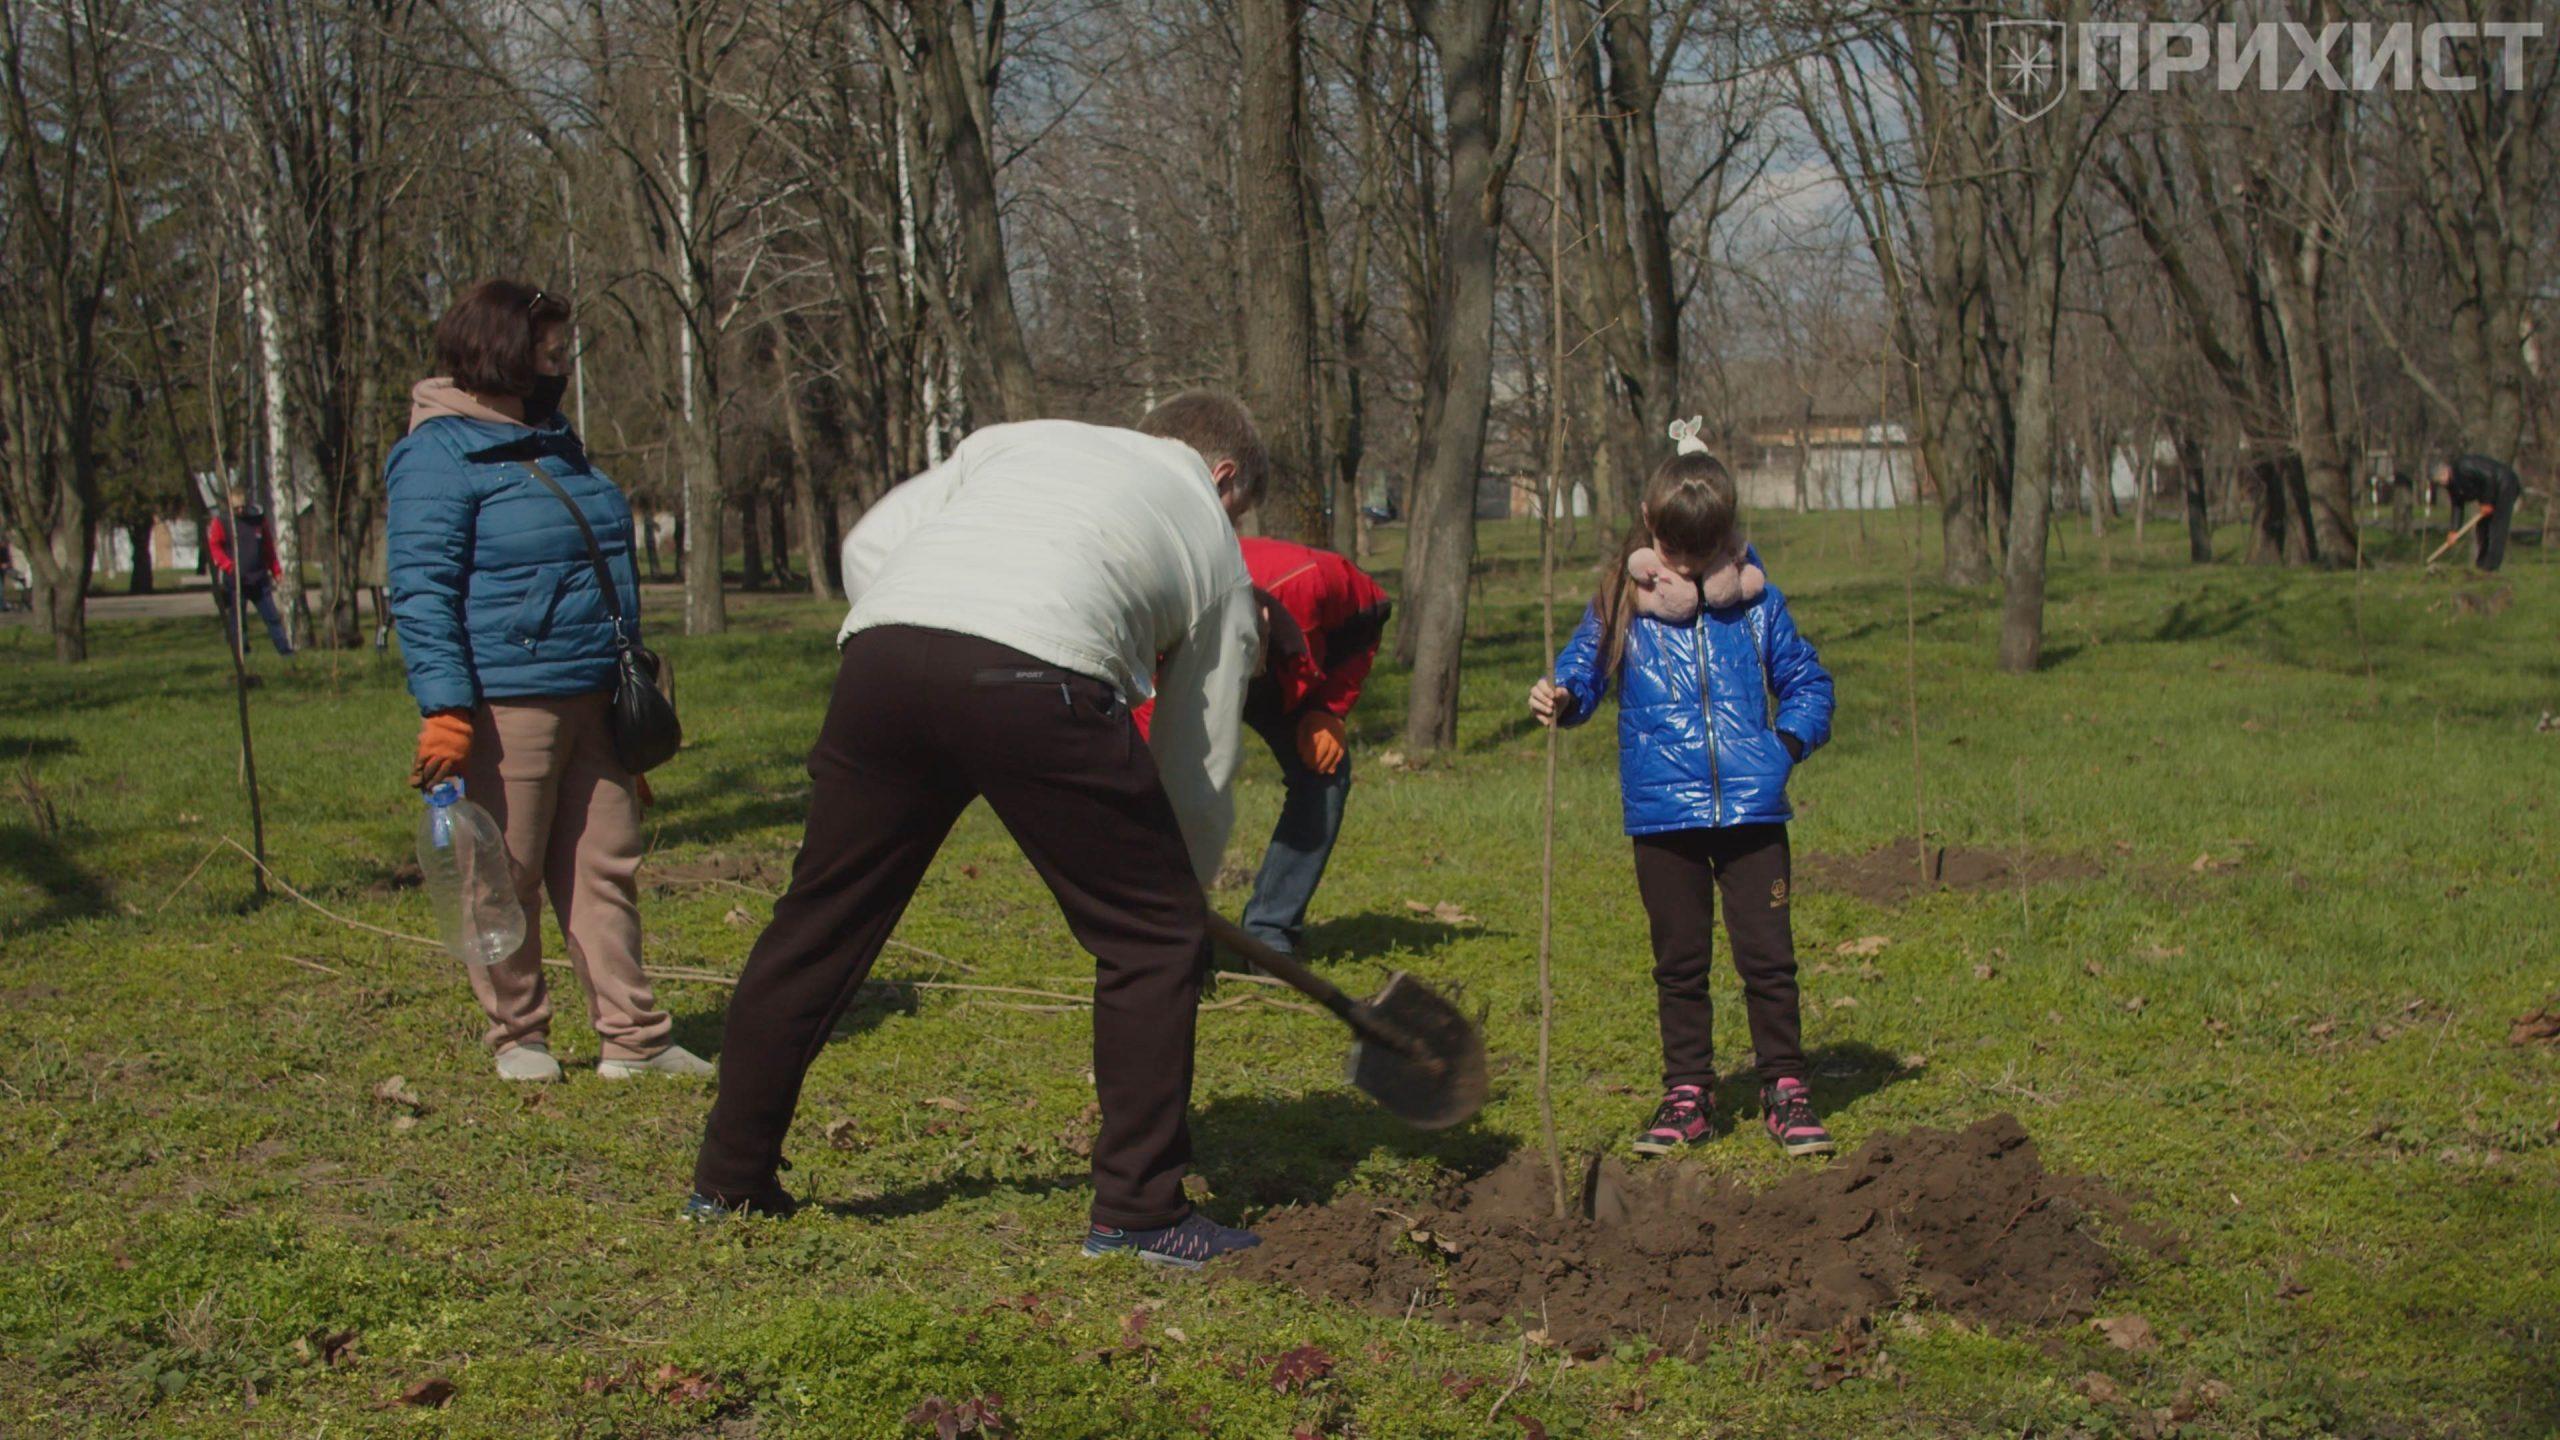 Интерпайп Нико Тьюб посадил 100 кленов в никопольском парке «Металлургов»   Прихист